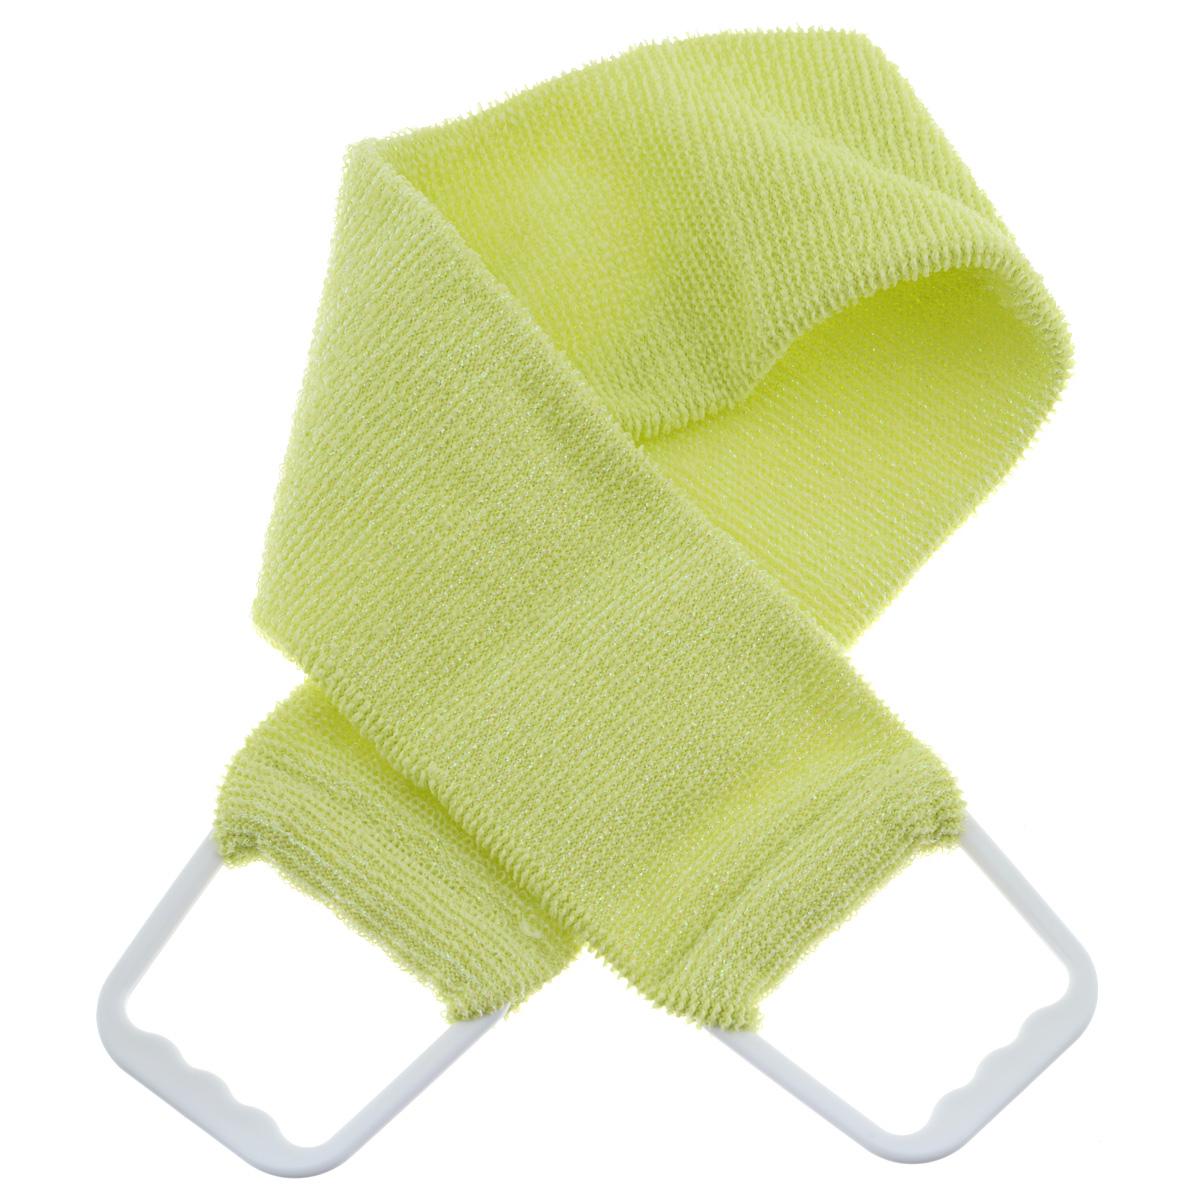 Мочалка 927, цвет: желтый927 желтыйДвухсторонняя мочалка-пояс Riffi применяется для мытья тела, отлично действует как пилинговое средство, тонизируя, массируя и эффективно очищая вашу кожу. Мягкой стороной хорошо намыливать тело и наносить косметические средства после душа. Жесткую (с люрексом) сторону пояса используют для легкого пилинга и массажа кожи. Для удобства применения пояс снабжен двумя пластиковыми ручками. Благодаря отшелушивающему эффекту мочалки-пояса, кожа освобождается от отмерших клеток, становится гладкой, упругой и свежей. Интенсивный и пощипывающе свежий массаж тела с применением Riffi стимулирует кровообращение, активирует кровоснабжение, способствует обмену веществ, что в свою очередь позволяет себя чувствовать бодрым и отдохнувшим после принятия душа или ванны. Riffi регенерирует кожу, делает ее приятно нежной, мягкой и лучше готовой к принятию косметических средств. Приносит приятное расслабление всему организму. Борется со спазмами и болями в мышцах, предупреждает образование...